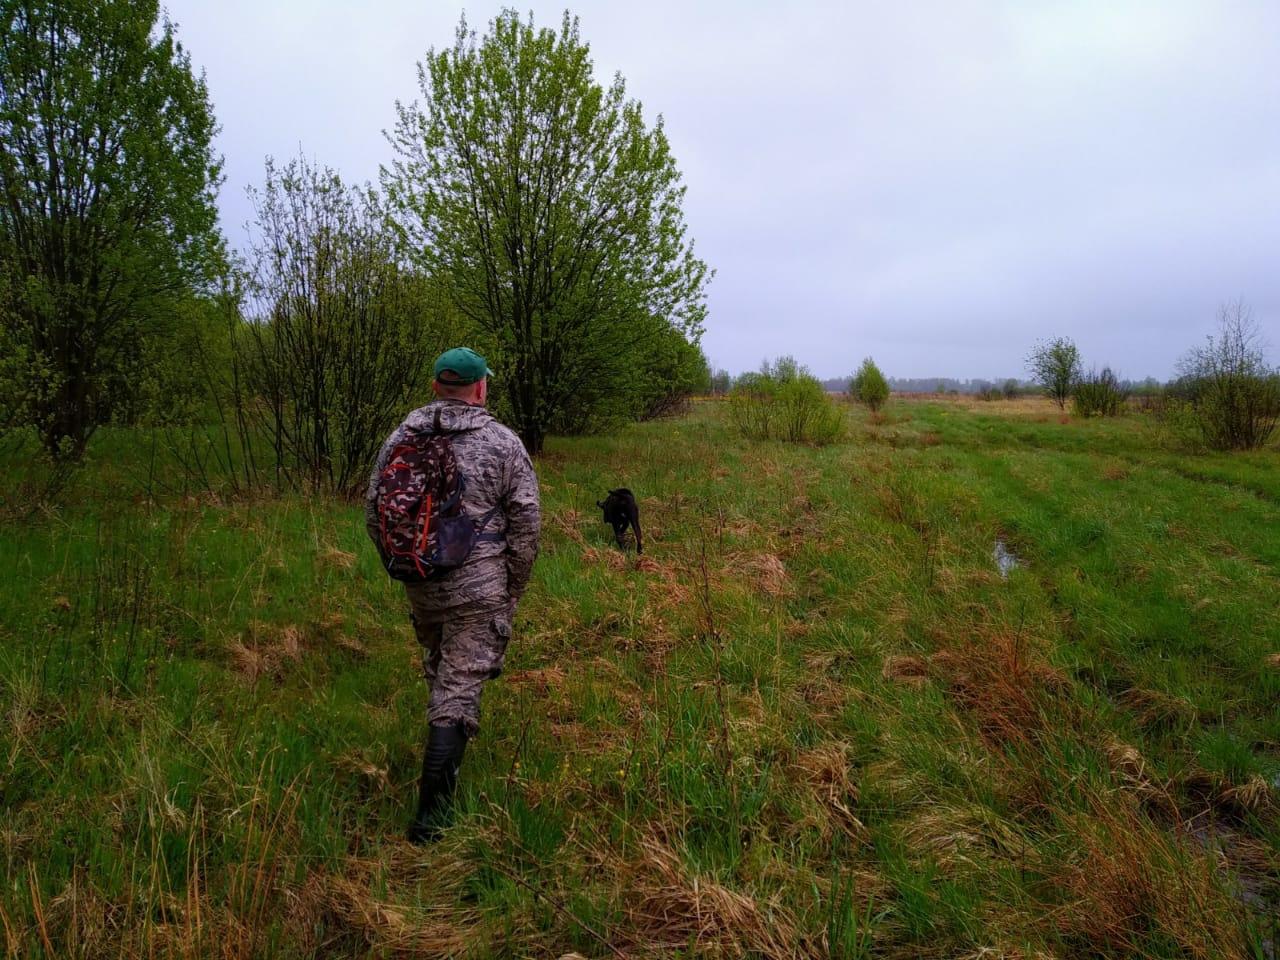 Для предупреждения захода диких животных в город началось патрулирование прилегающих к Ярославлю лесов